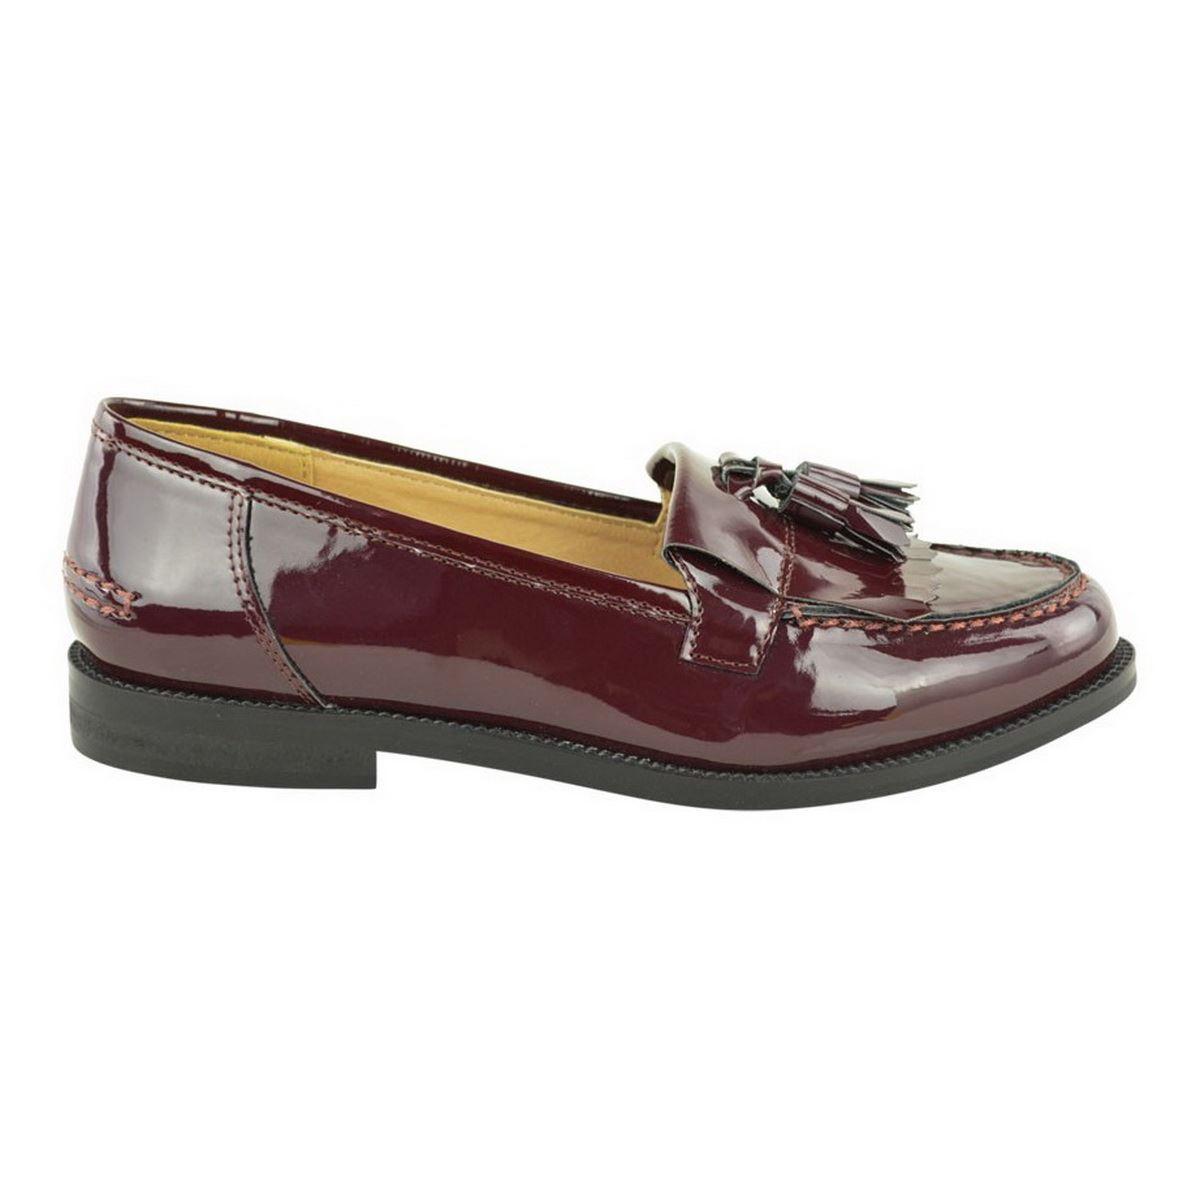 Fashion Thirsty Femmes Mocassins Plats Bureau D/écontract/é Ecole Frange Gland Chaussures Plates